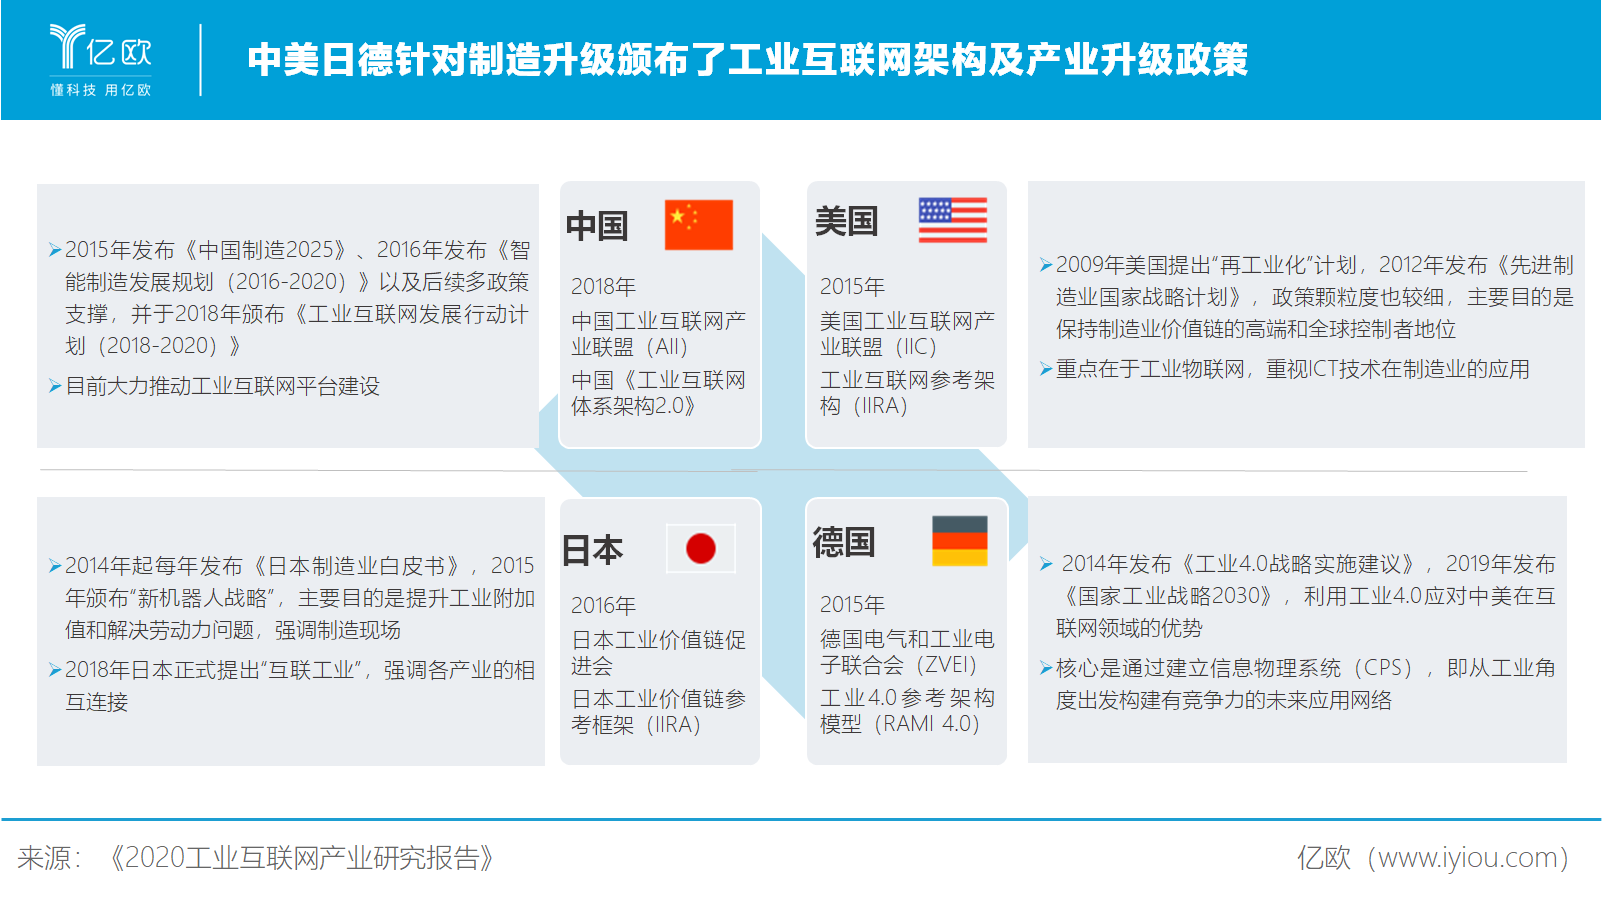 亿欧智库:中美日徳工业互联网政策对比